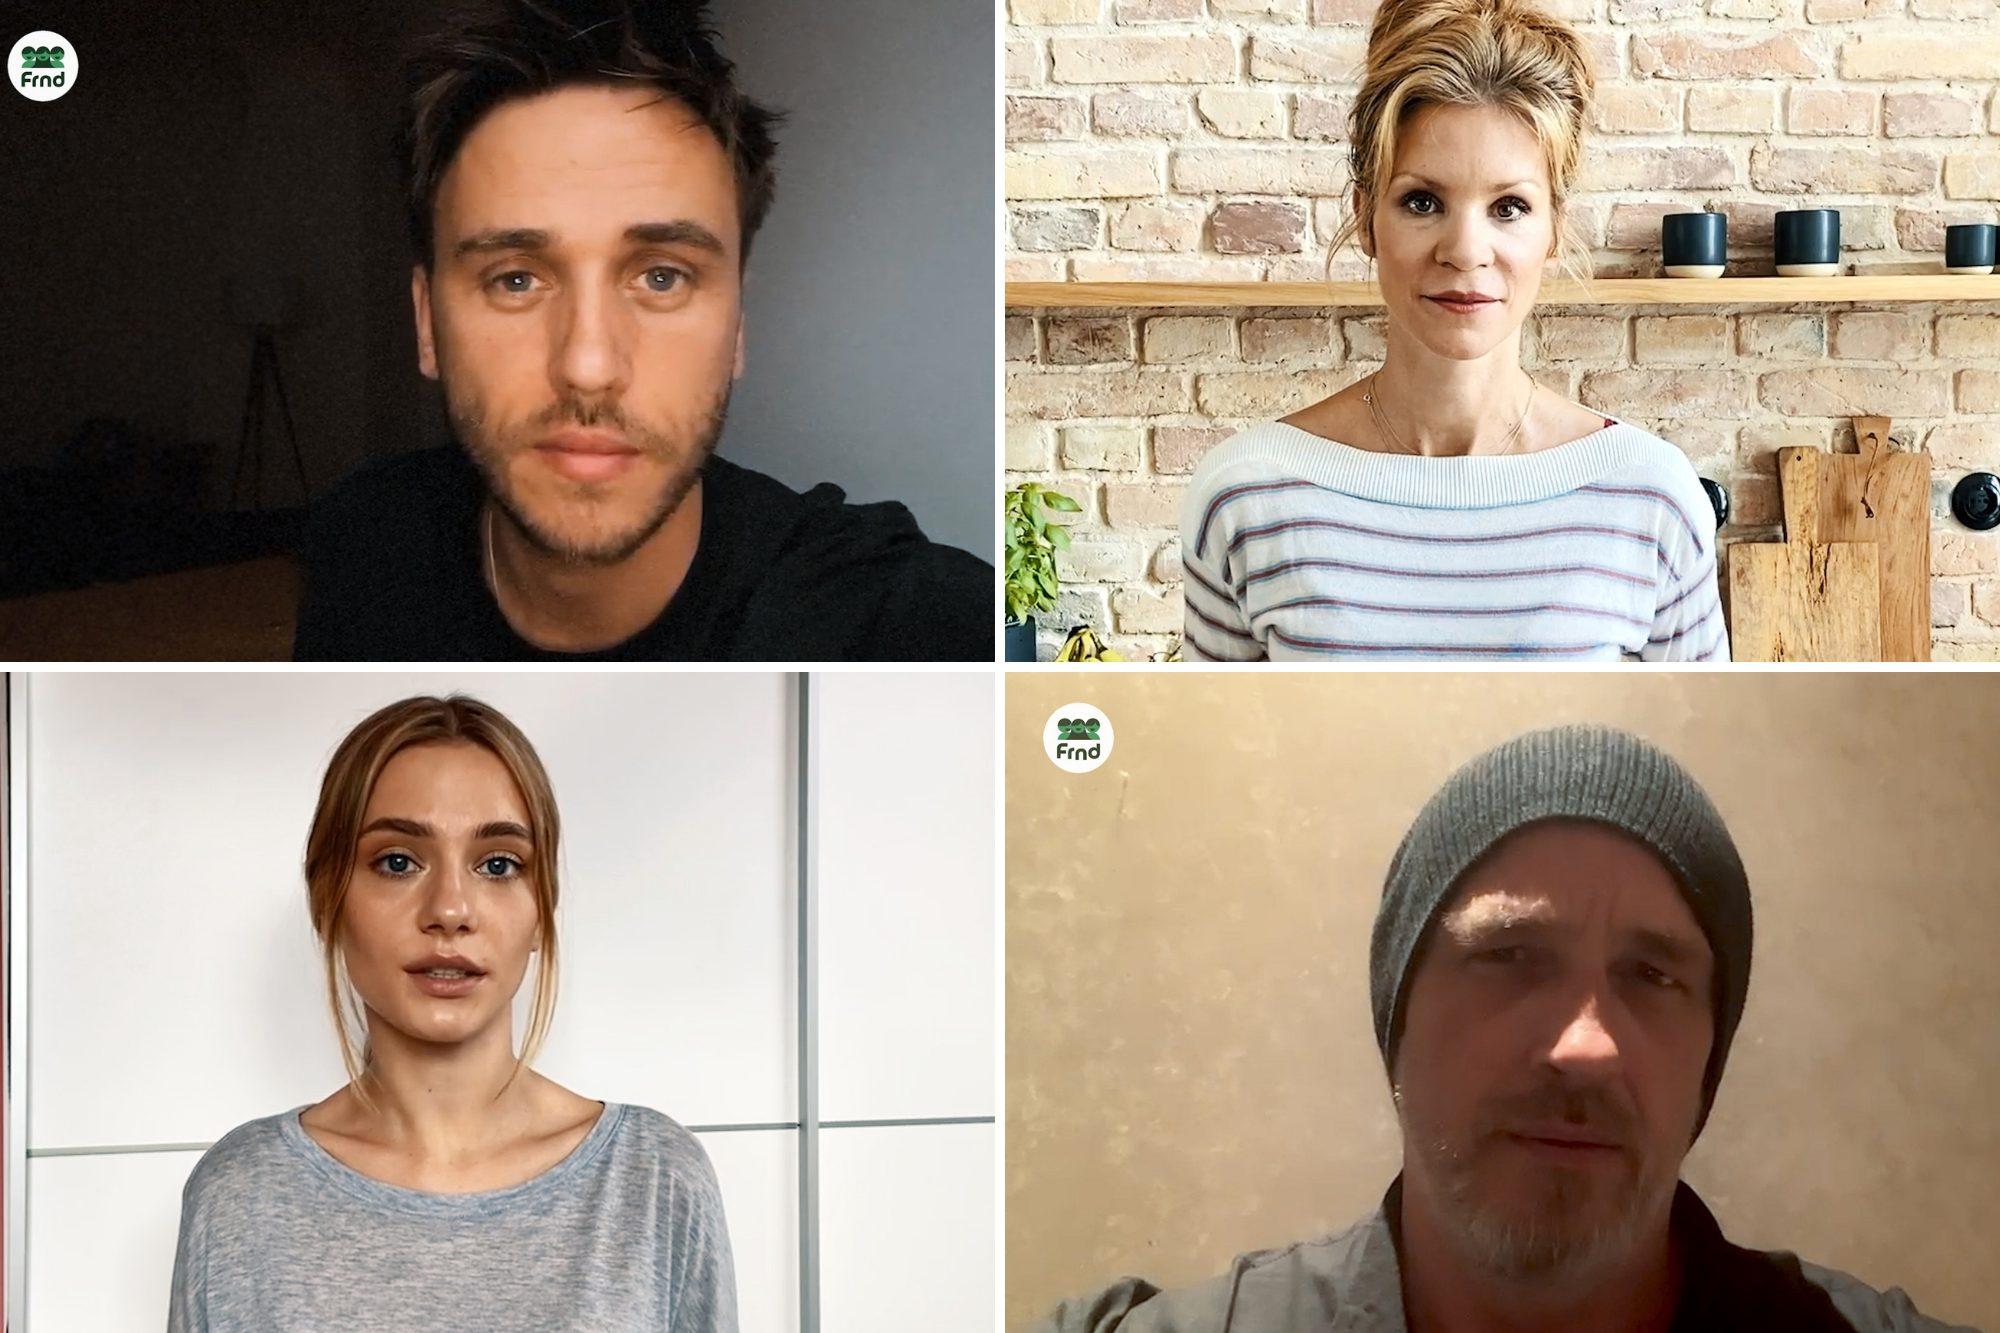 Promis rufen im Video auf: Wenn man Suizide verhindern will, muss man darüber reden